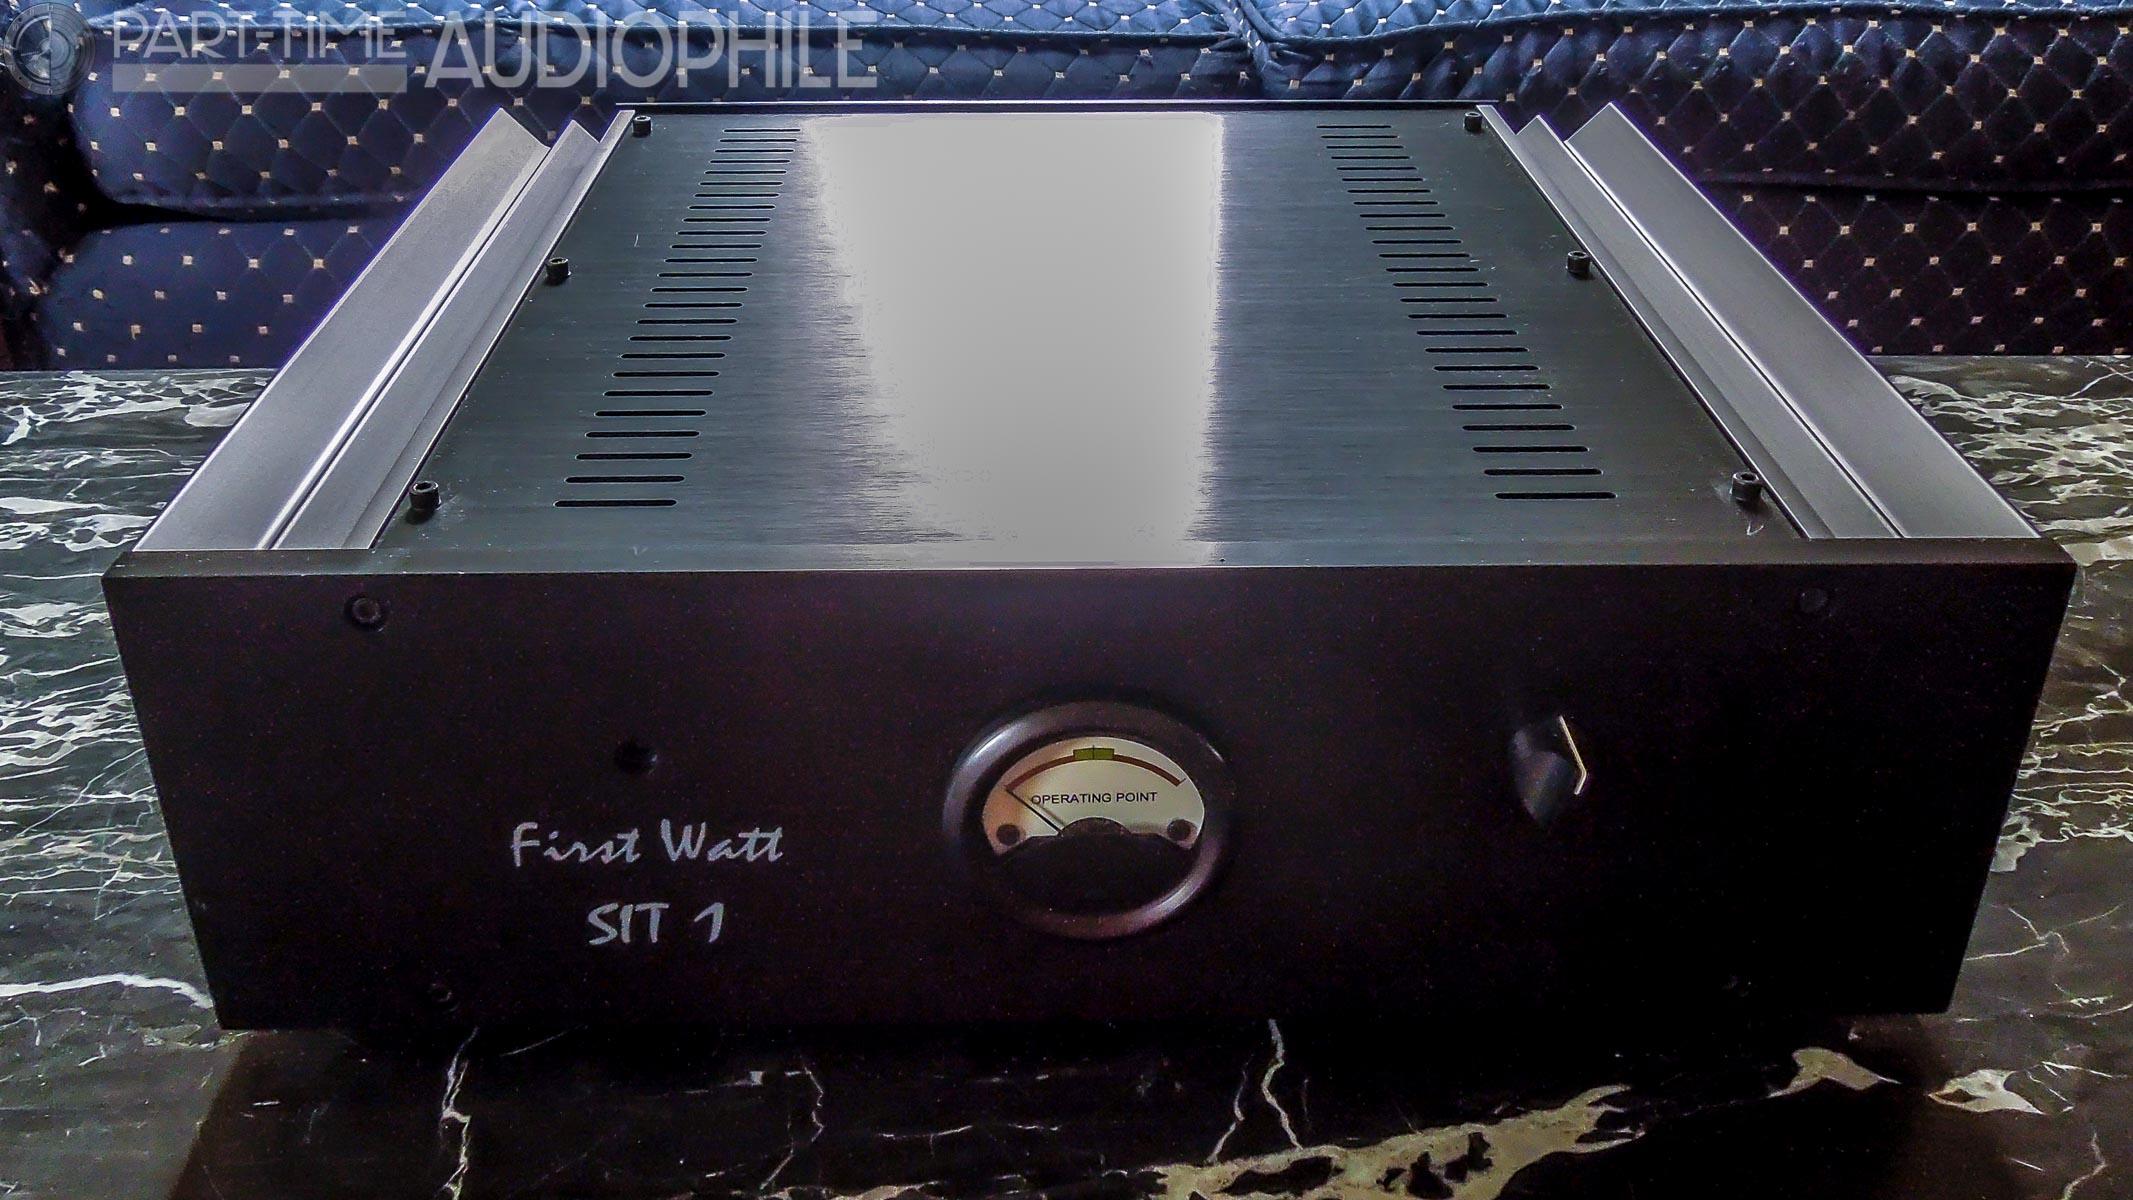 FirstWatt-1074